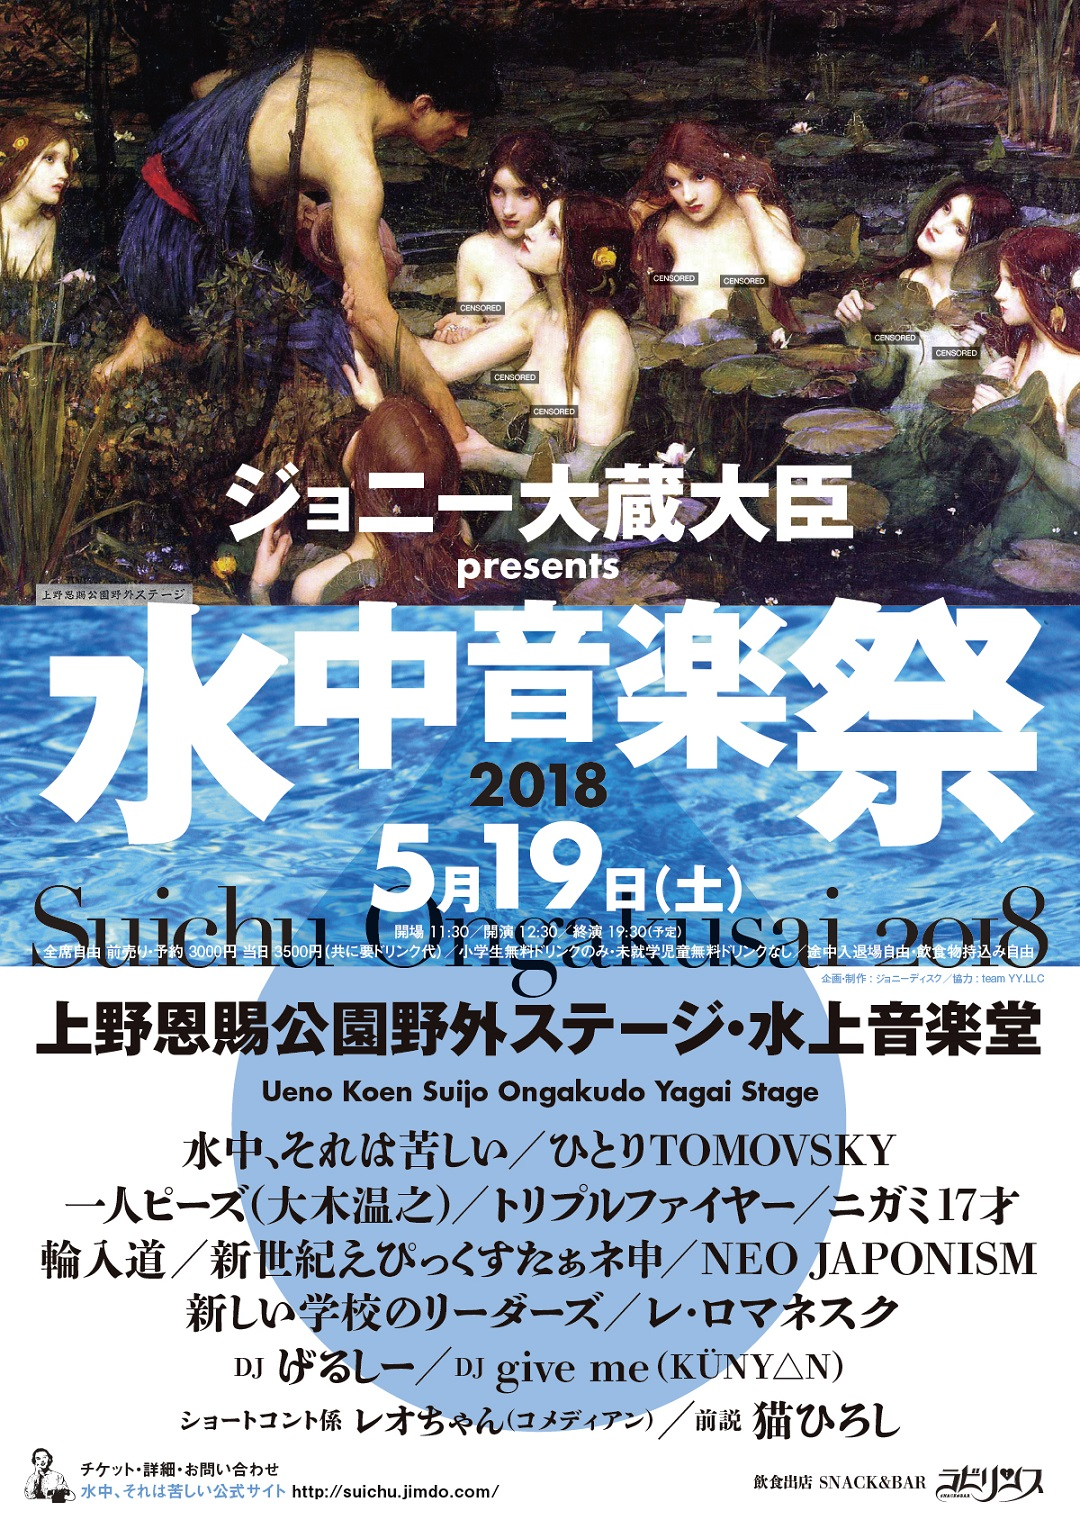 ジョニー大蔵大臣 presents「水中音楽祭2018」